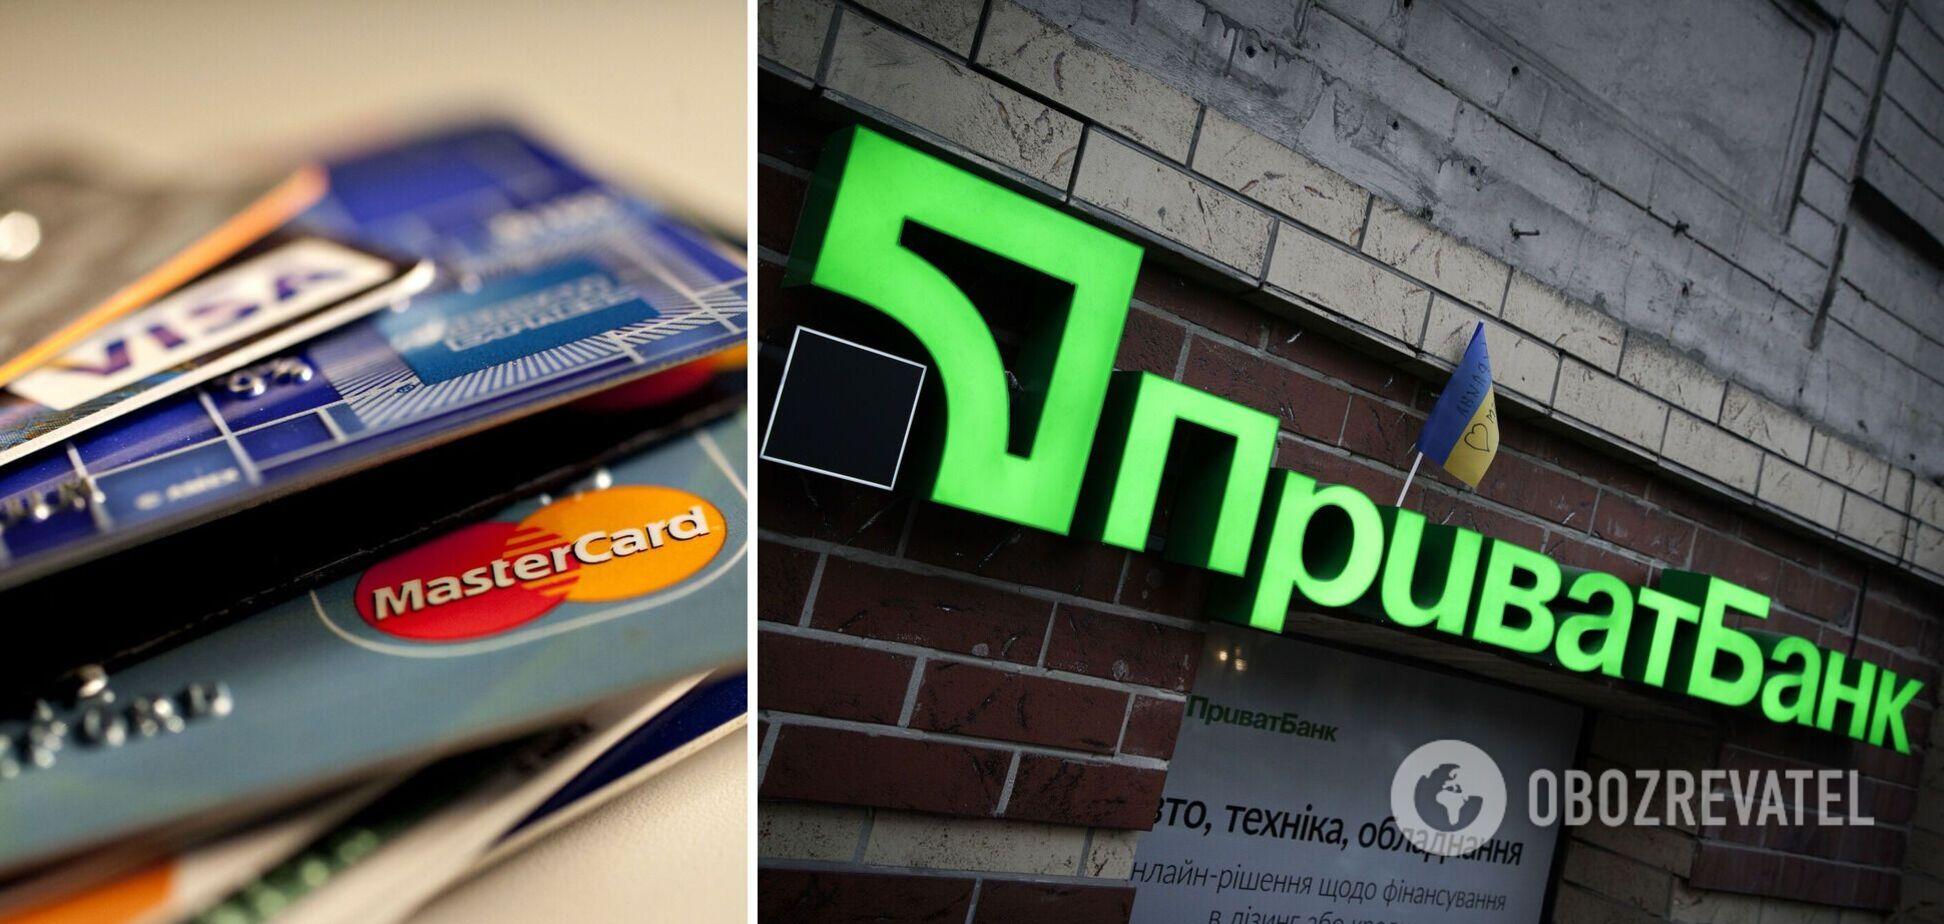 Ліміти ПриватБанку діють для карт VISA та Mastercard